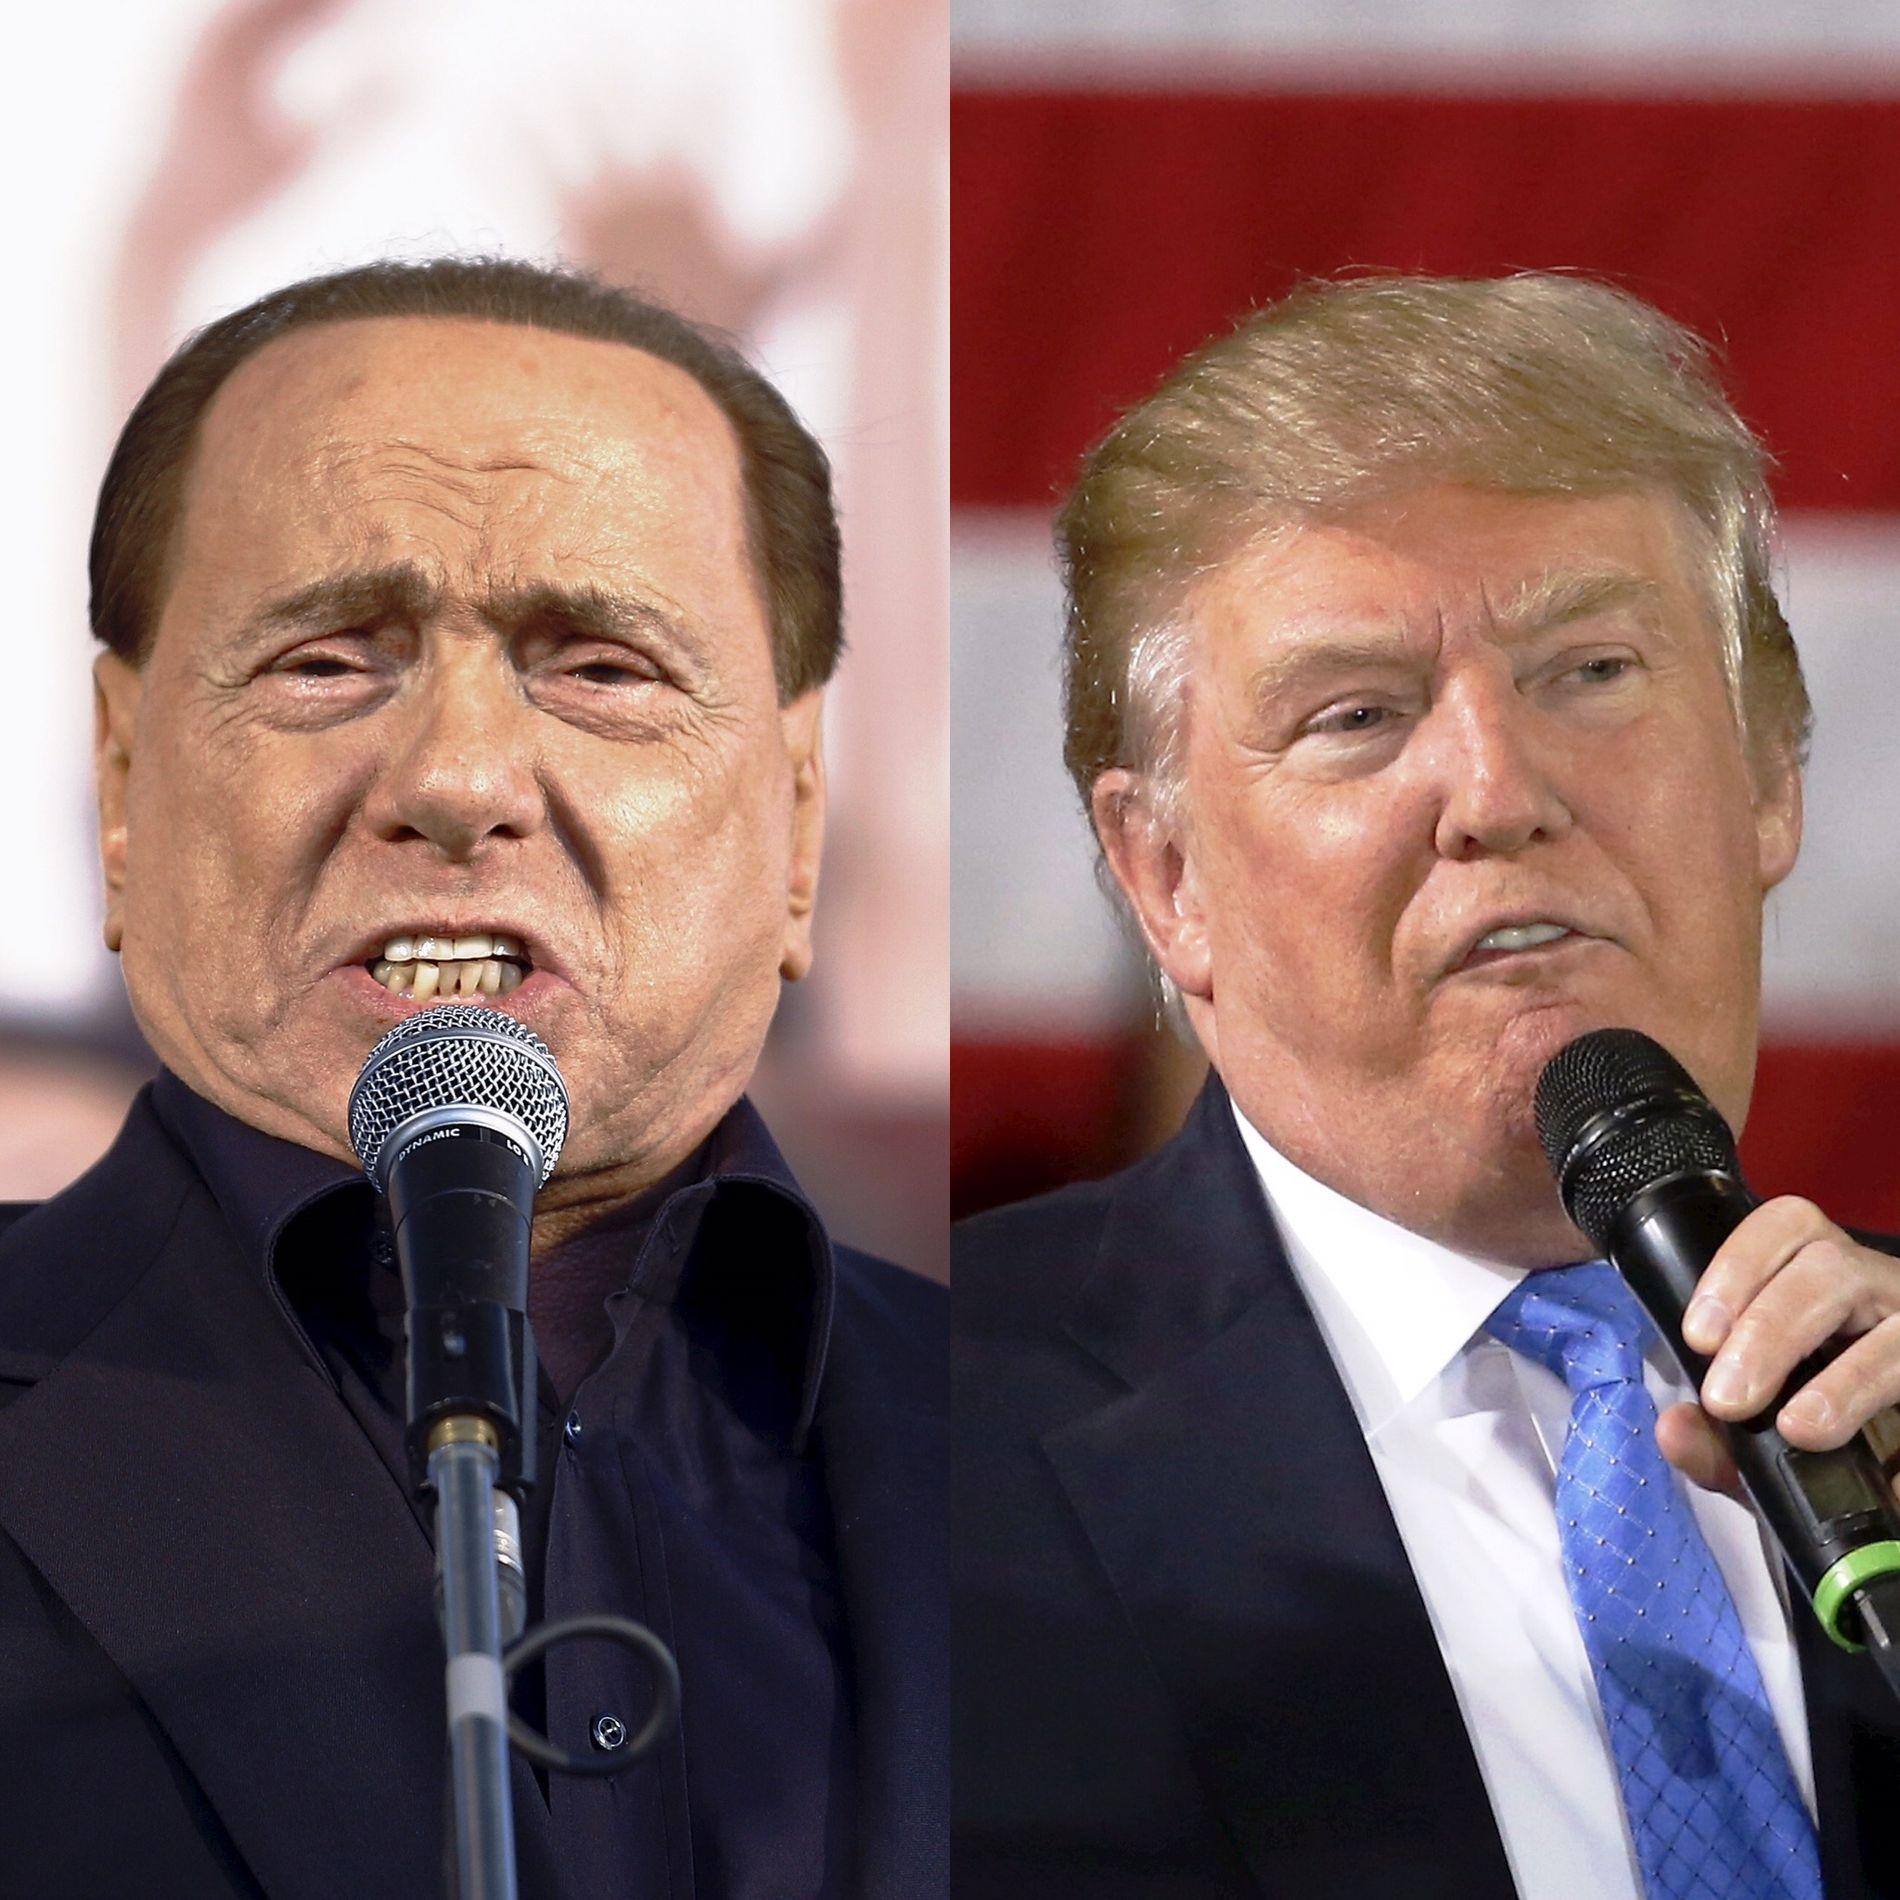 SOM TO DRÅPER VANN?: Italias skandaliserte eks-statsminister Silvio Berlusconi er ti år eldre og omtrent dobbelt så rik som den amerikanske president-utfordreren Donald Trump, ifølge Forbes milliardærliste. Men ellers er det mye som forener fembarnsfedrene.